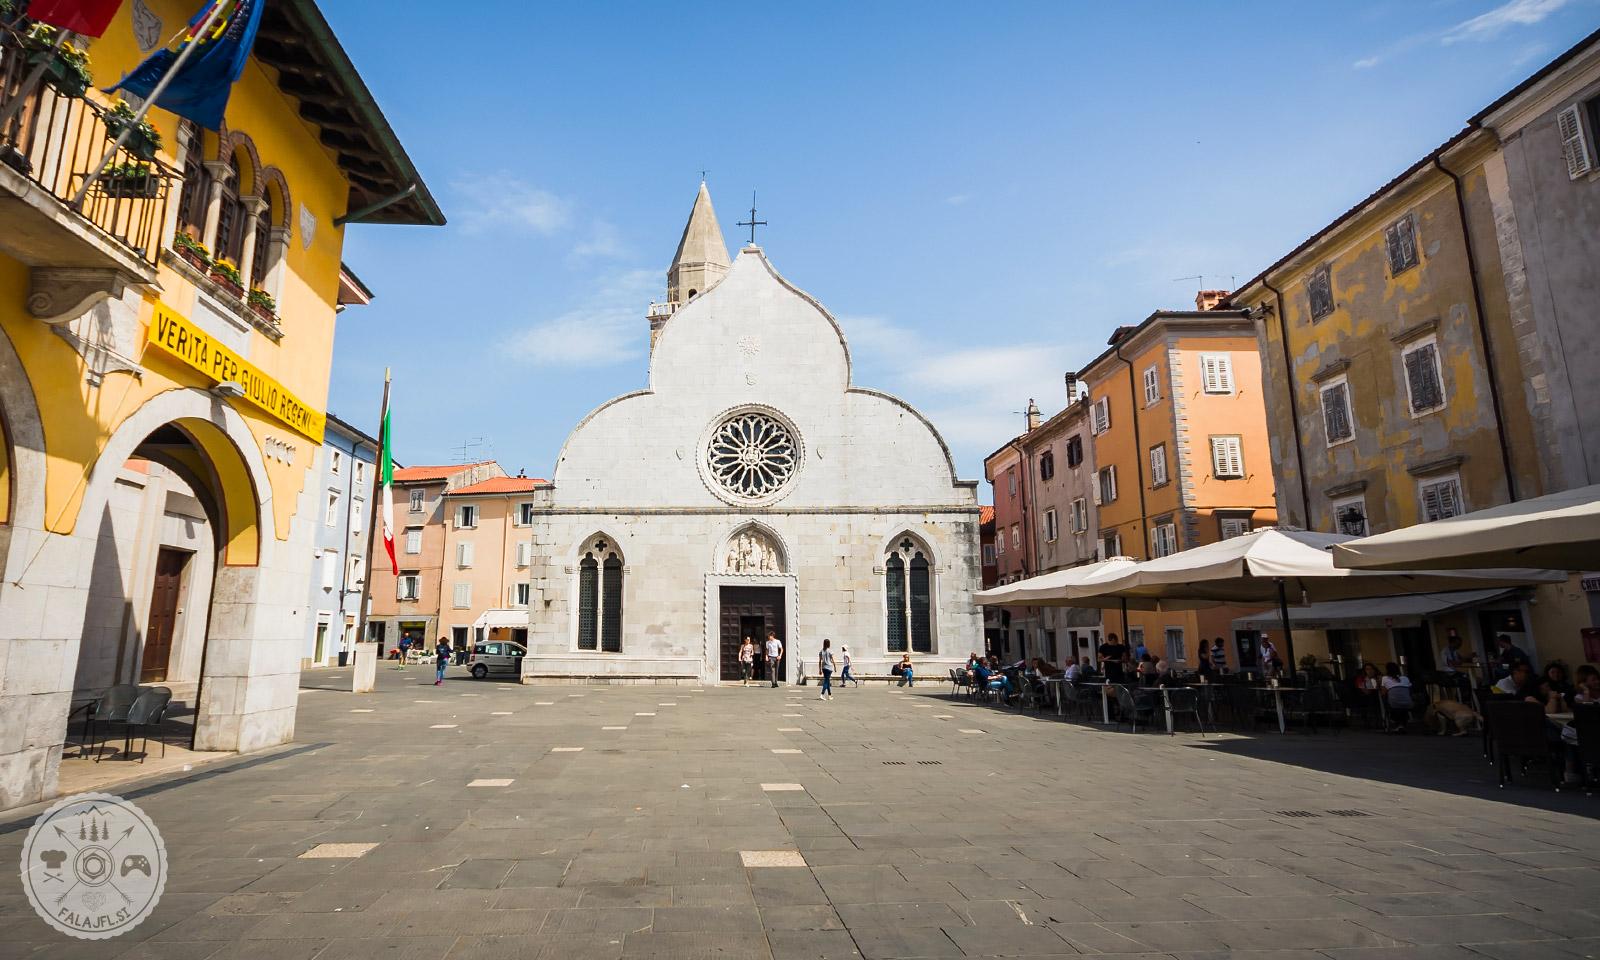 italijansko istrsko mestece Milje